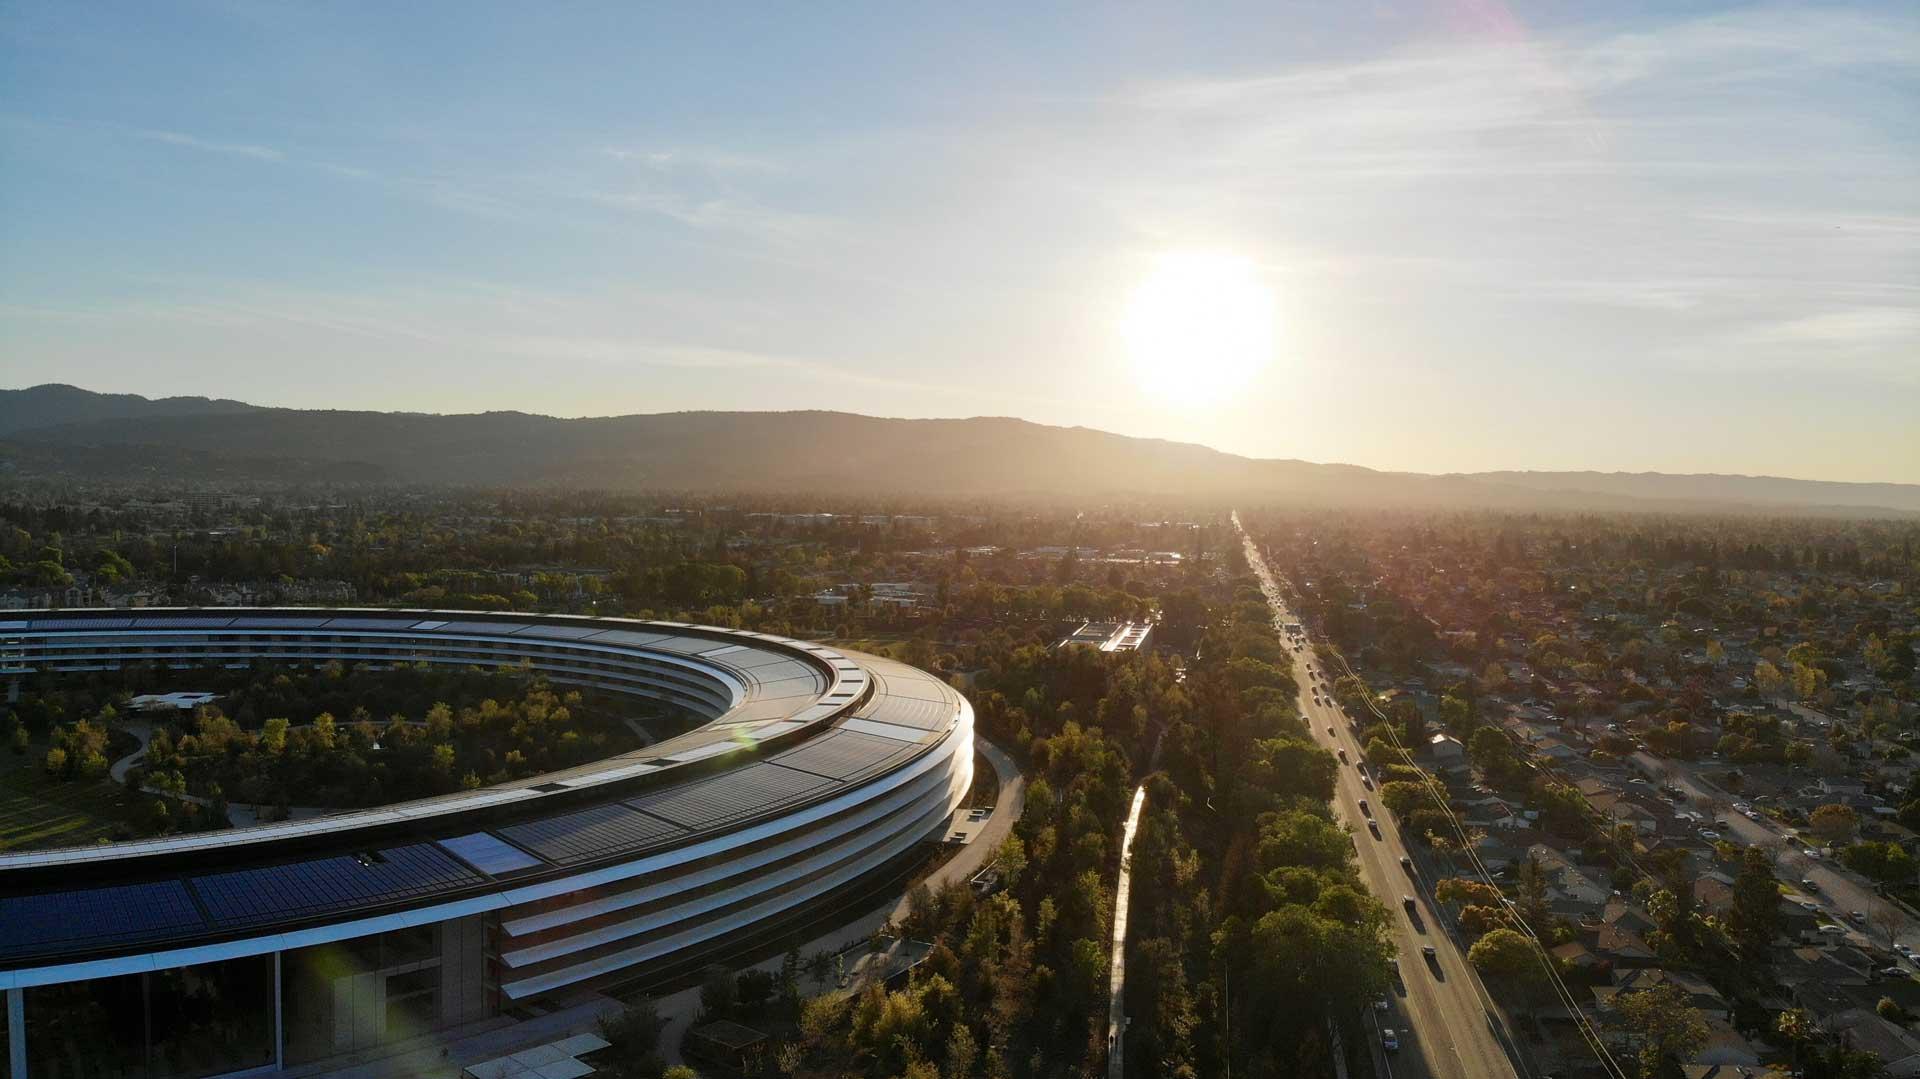 Rientro-in-ufficio-Silicon-Valley-Level-Office-Landscape